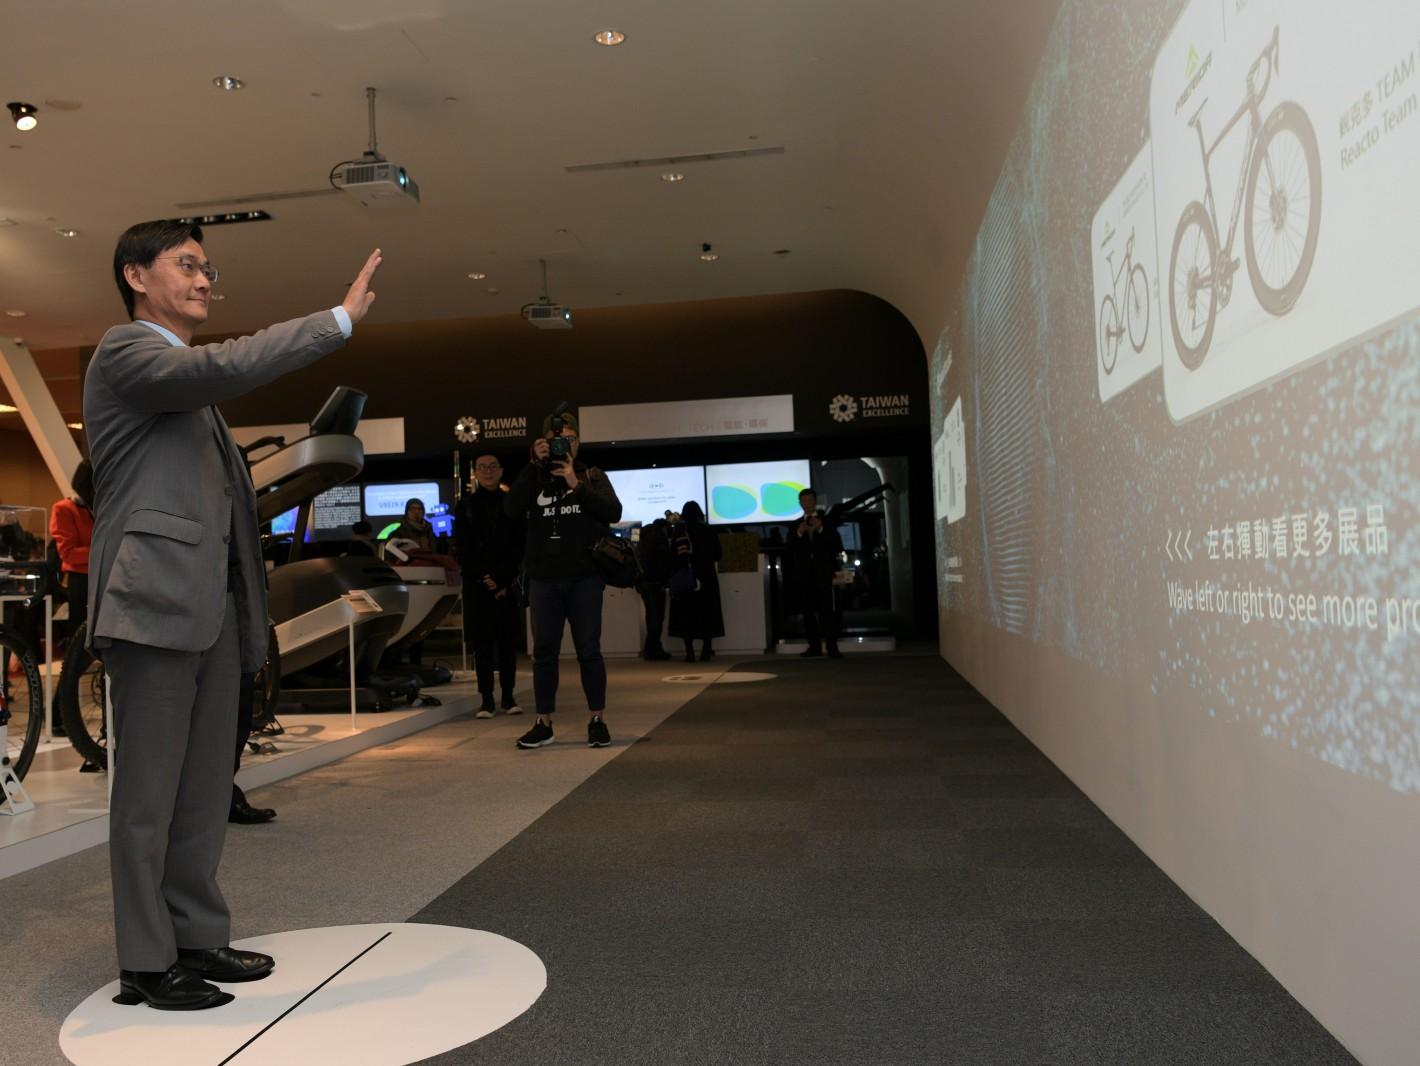 國際貿易局倪克浩主任秘書5日體驗台灣精品館內AI互動